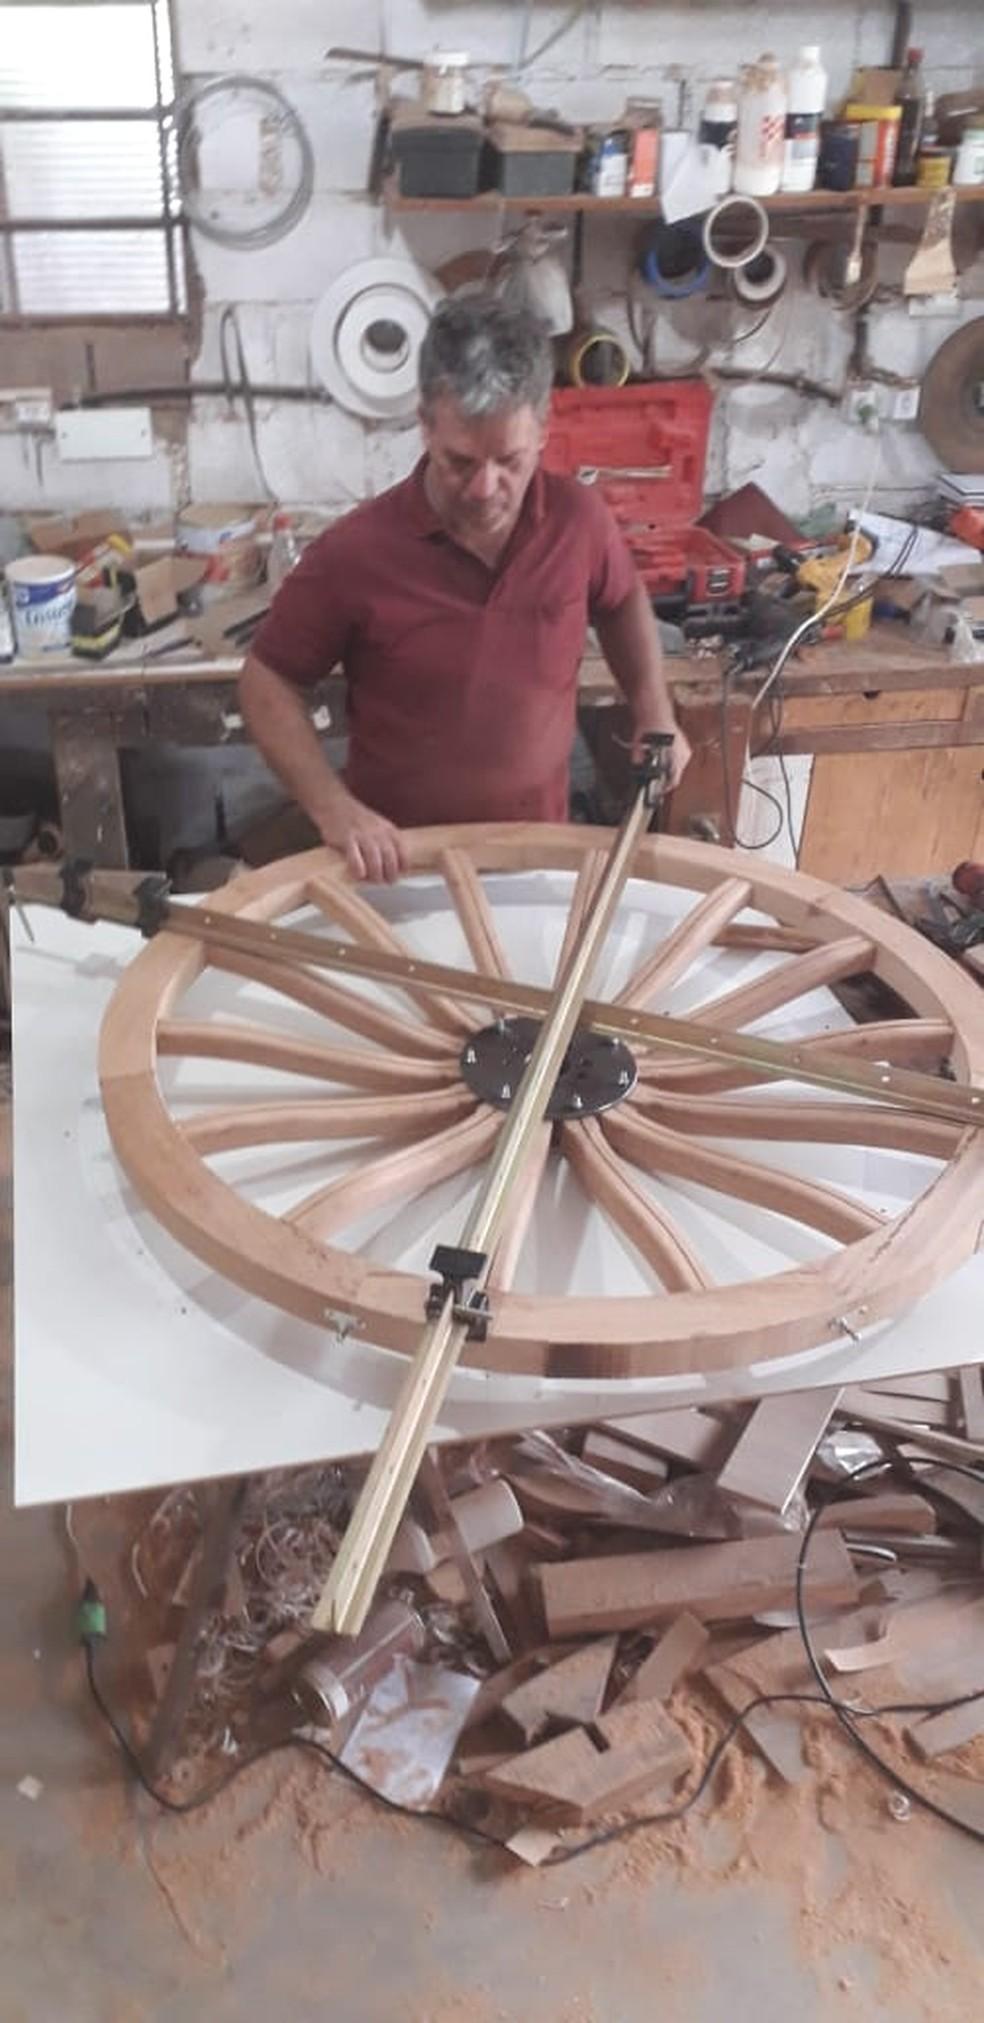 Marceneiro está construindo uma carruagem de madeira — Foto: Arquivo Pessoal